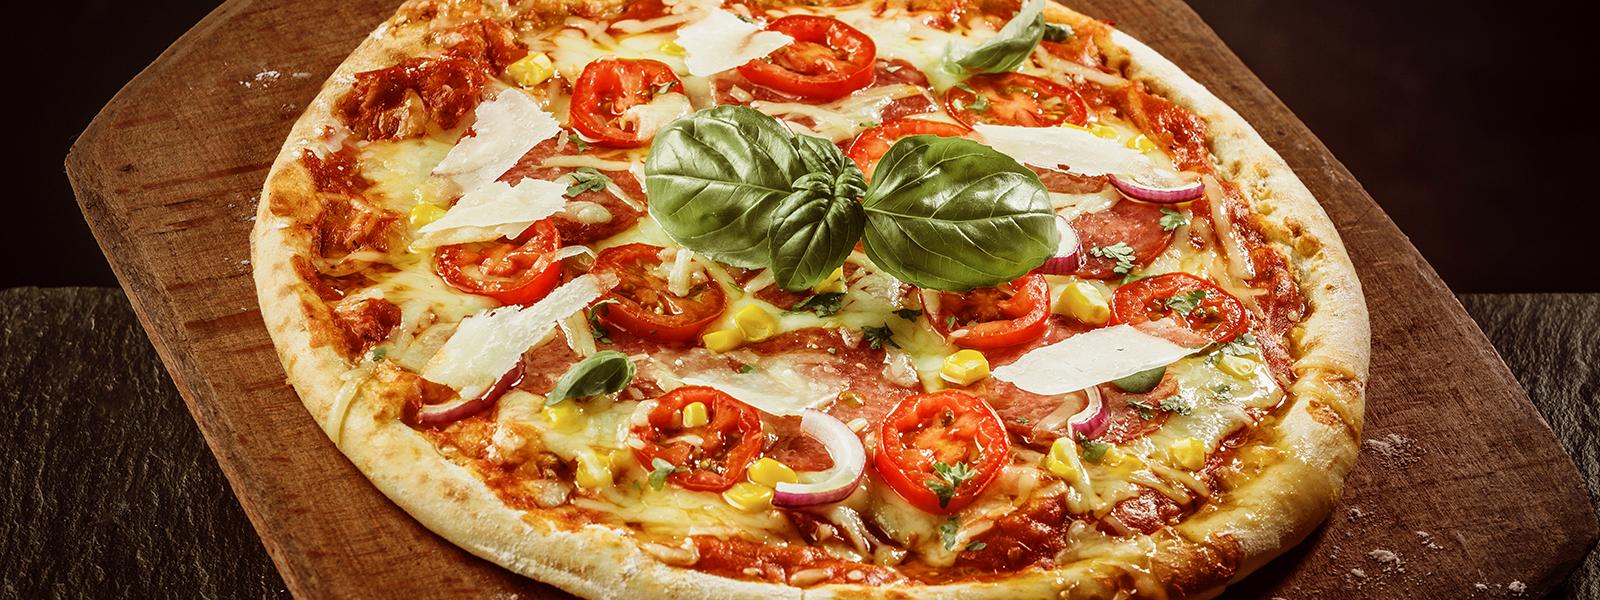 Yummie Pizza Yummie Pizza Brighton Harrow Takeaway